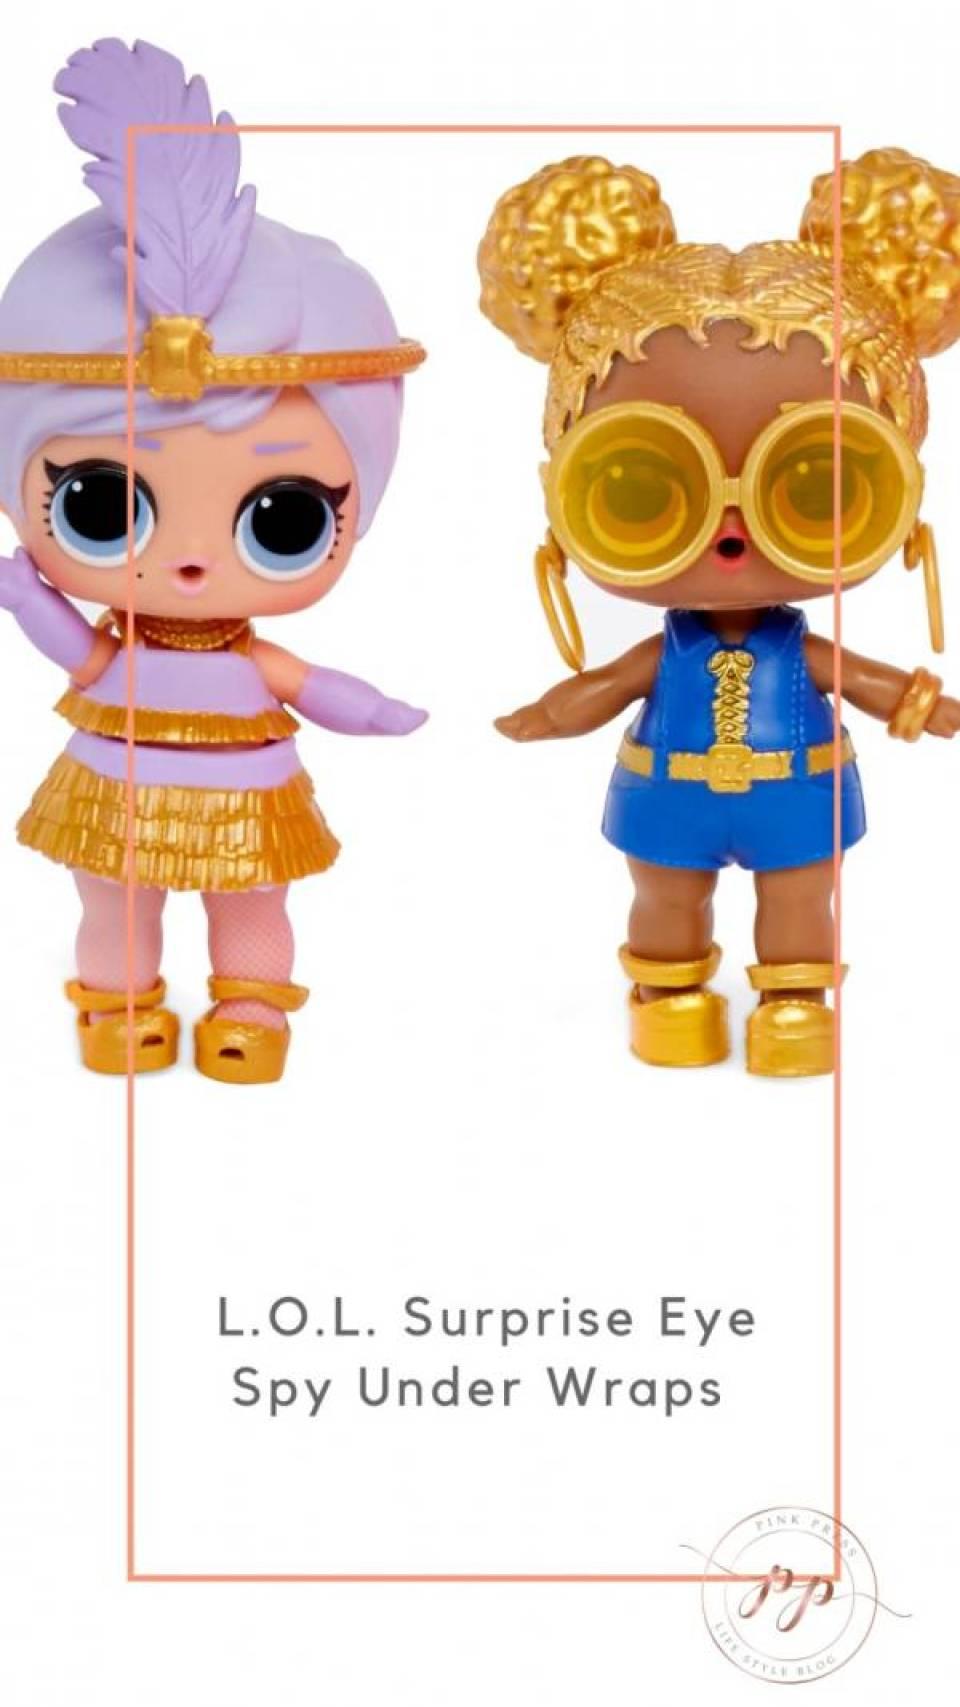 LOL Surprise Eye Spy Under Wraps - L.O.L. Surprise Eye Spy Under Wraps